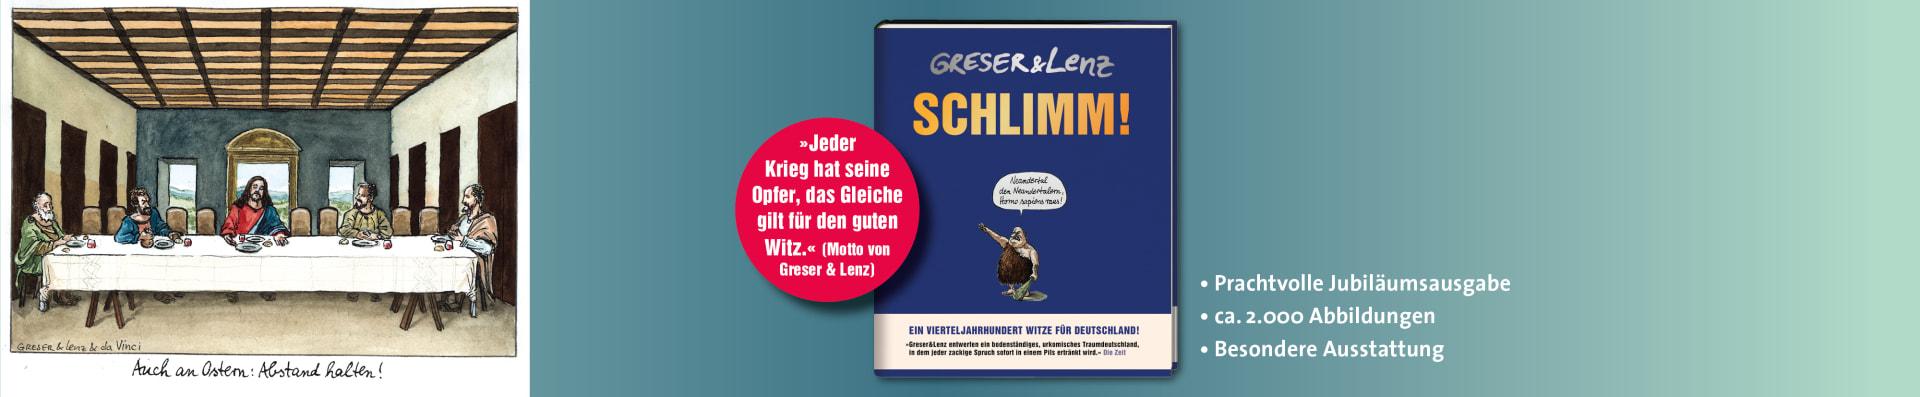 Greser & Lenz – Schlimm!